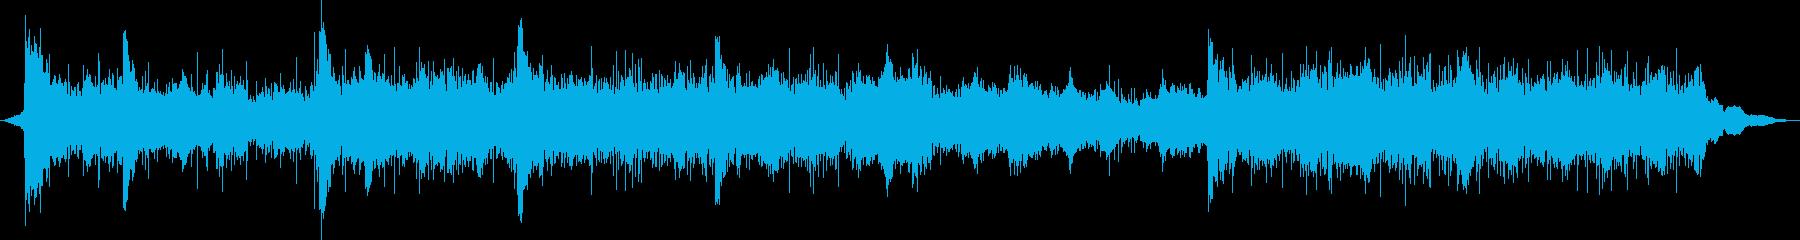 電子音楽と混ざったブラジルのジャン...の再生済みの波形